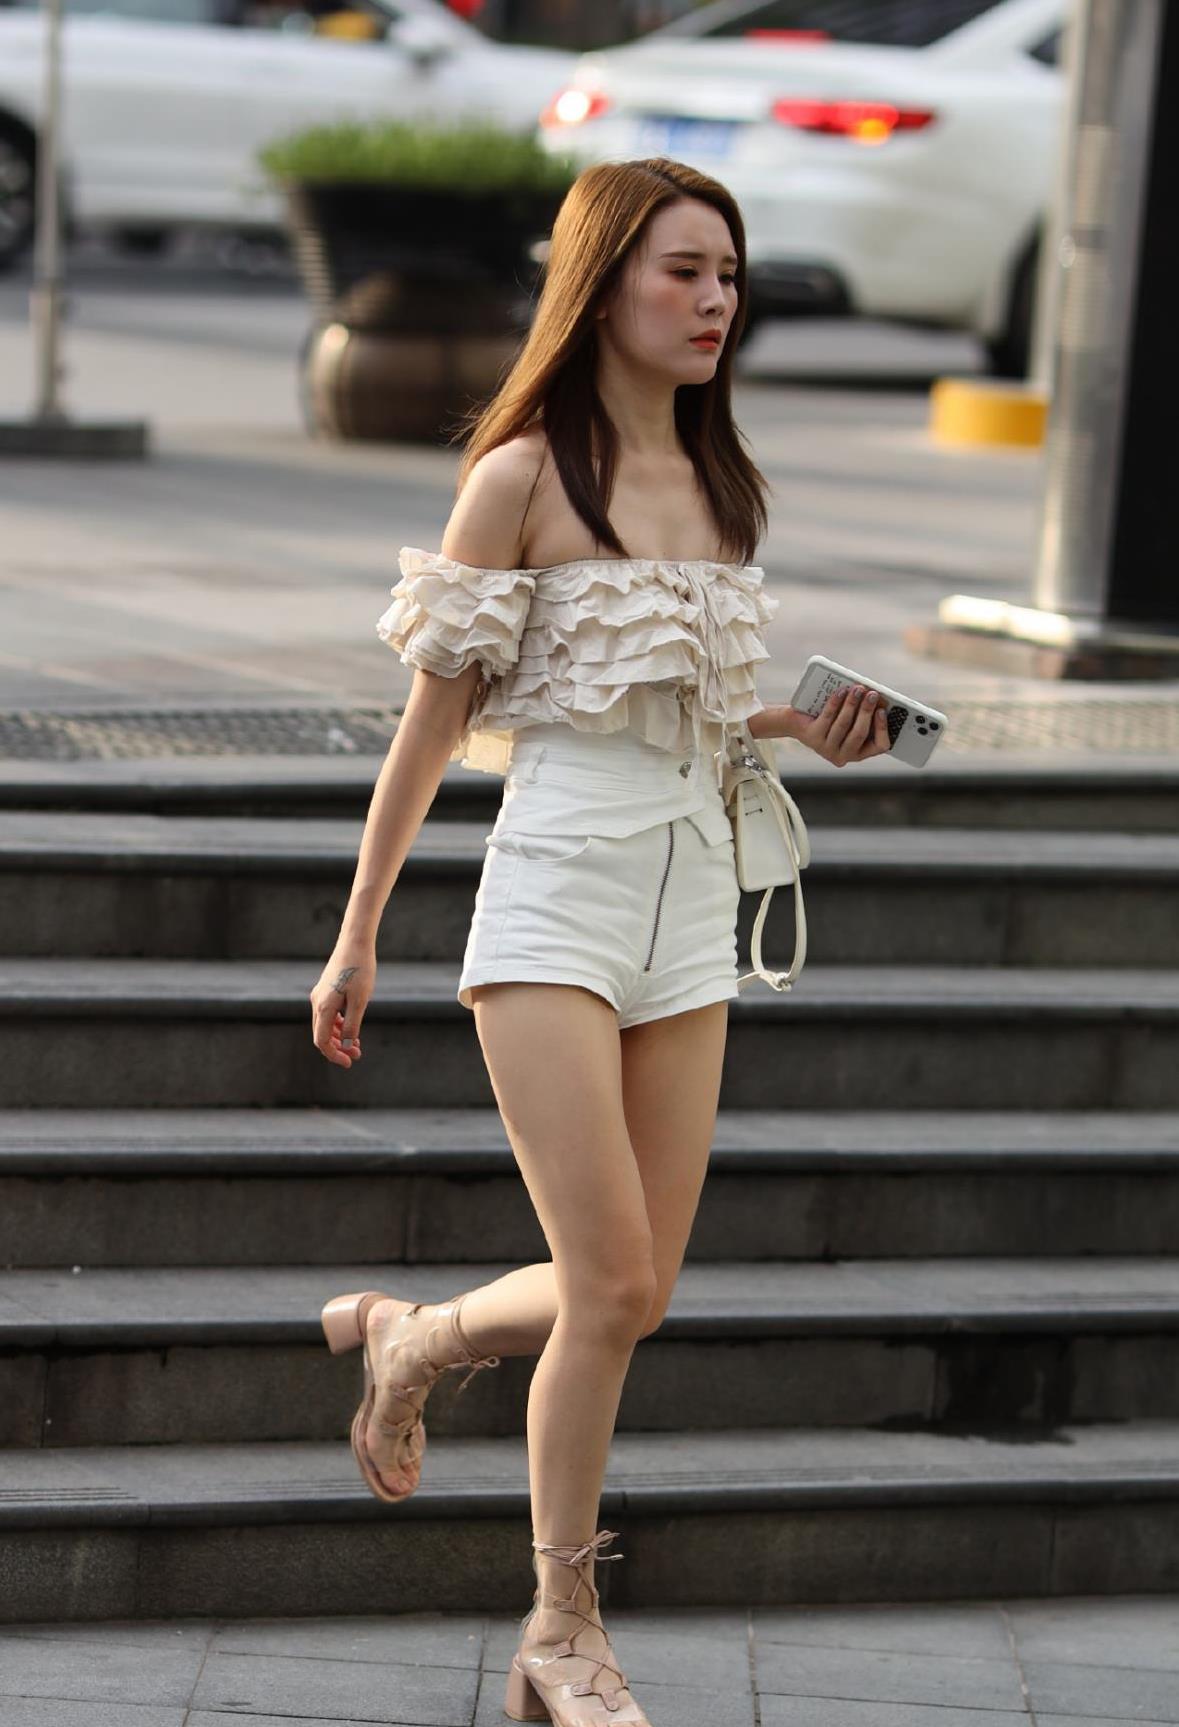 一字领多层荷叶边上衣,搭配白色短裤,穿绑腿凉鞋清凉又显身材